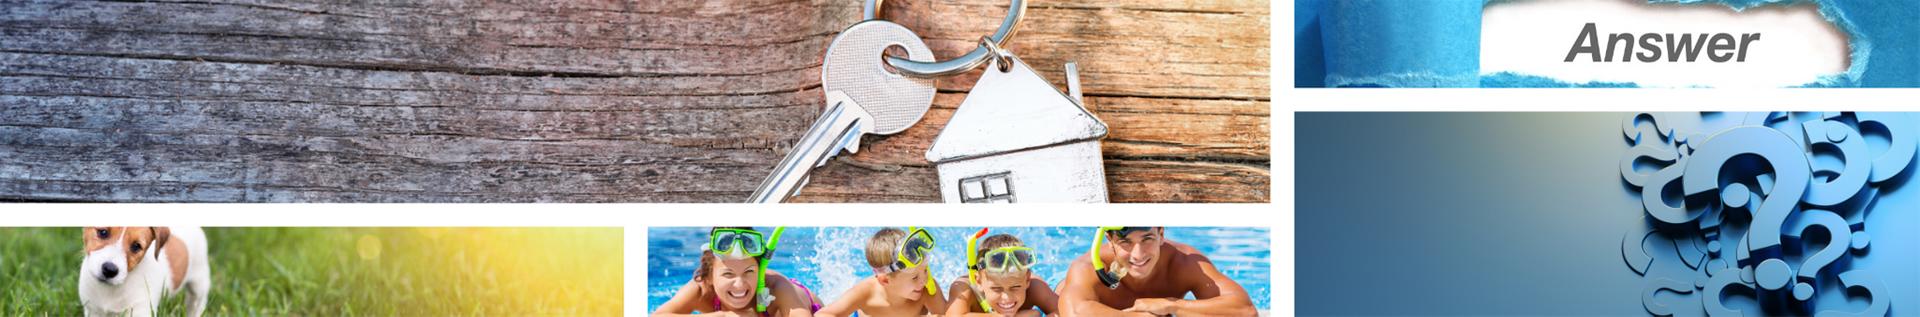 vacation rentals homes